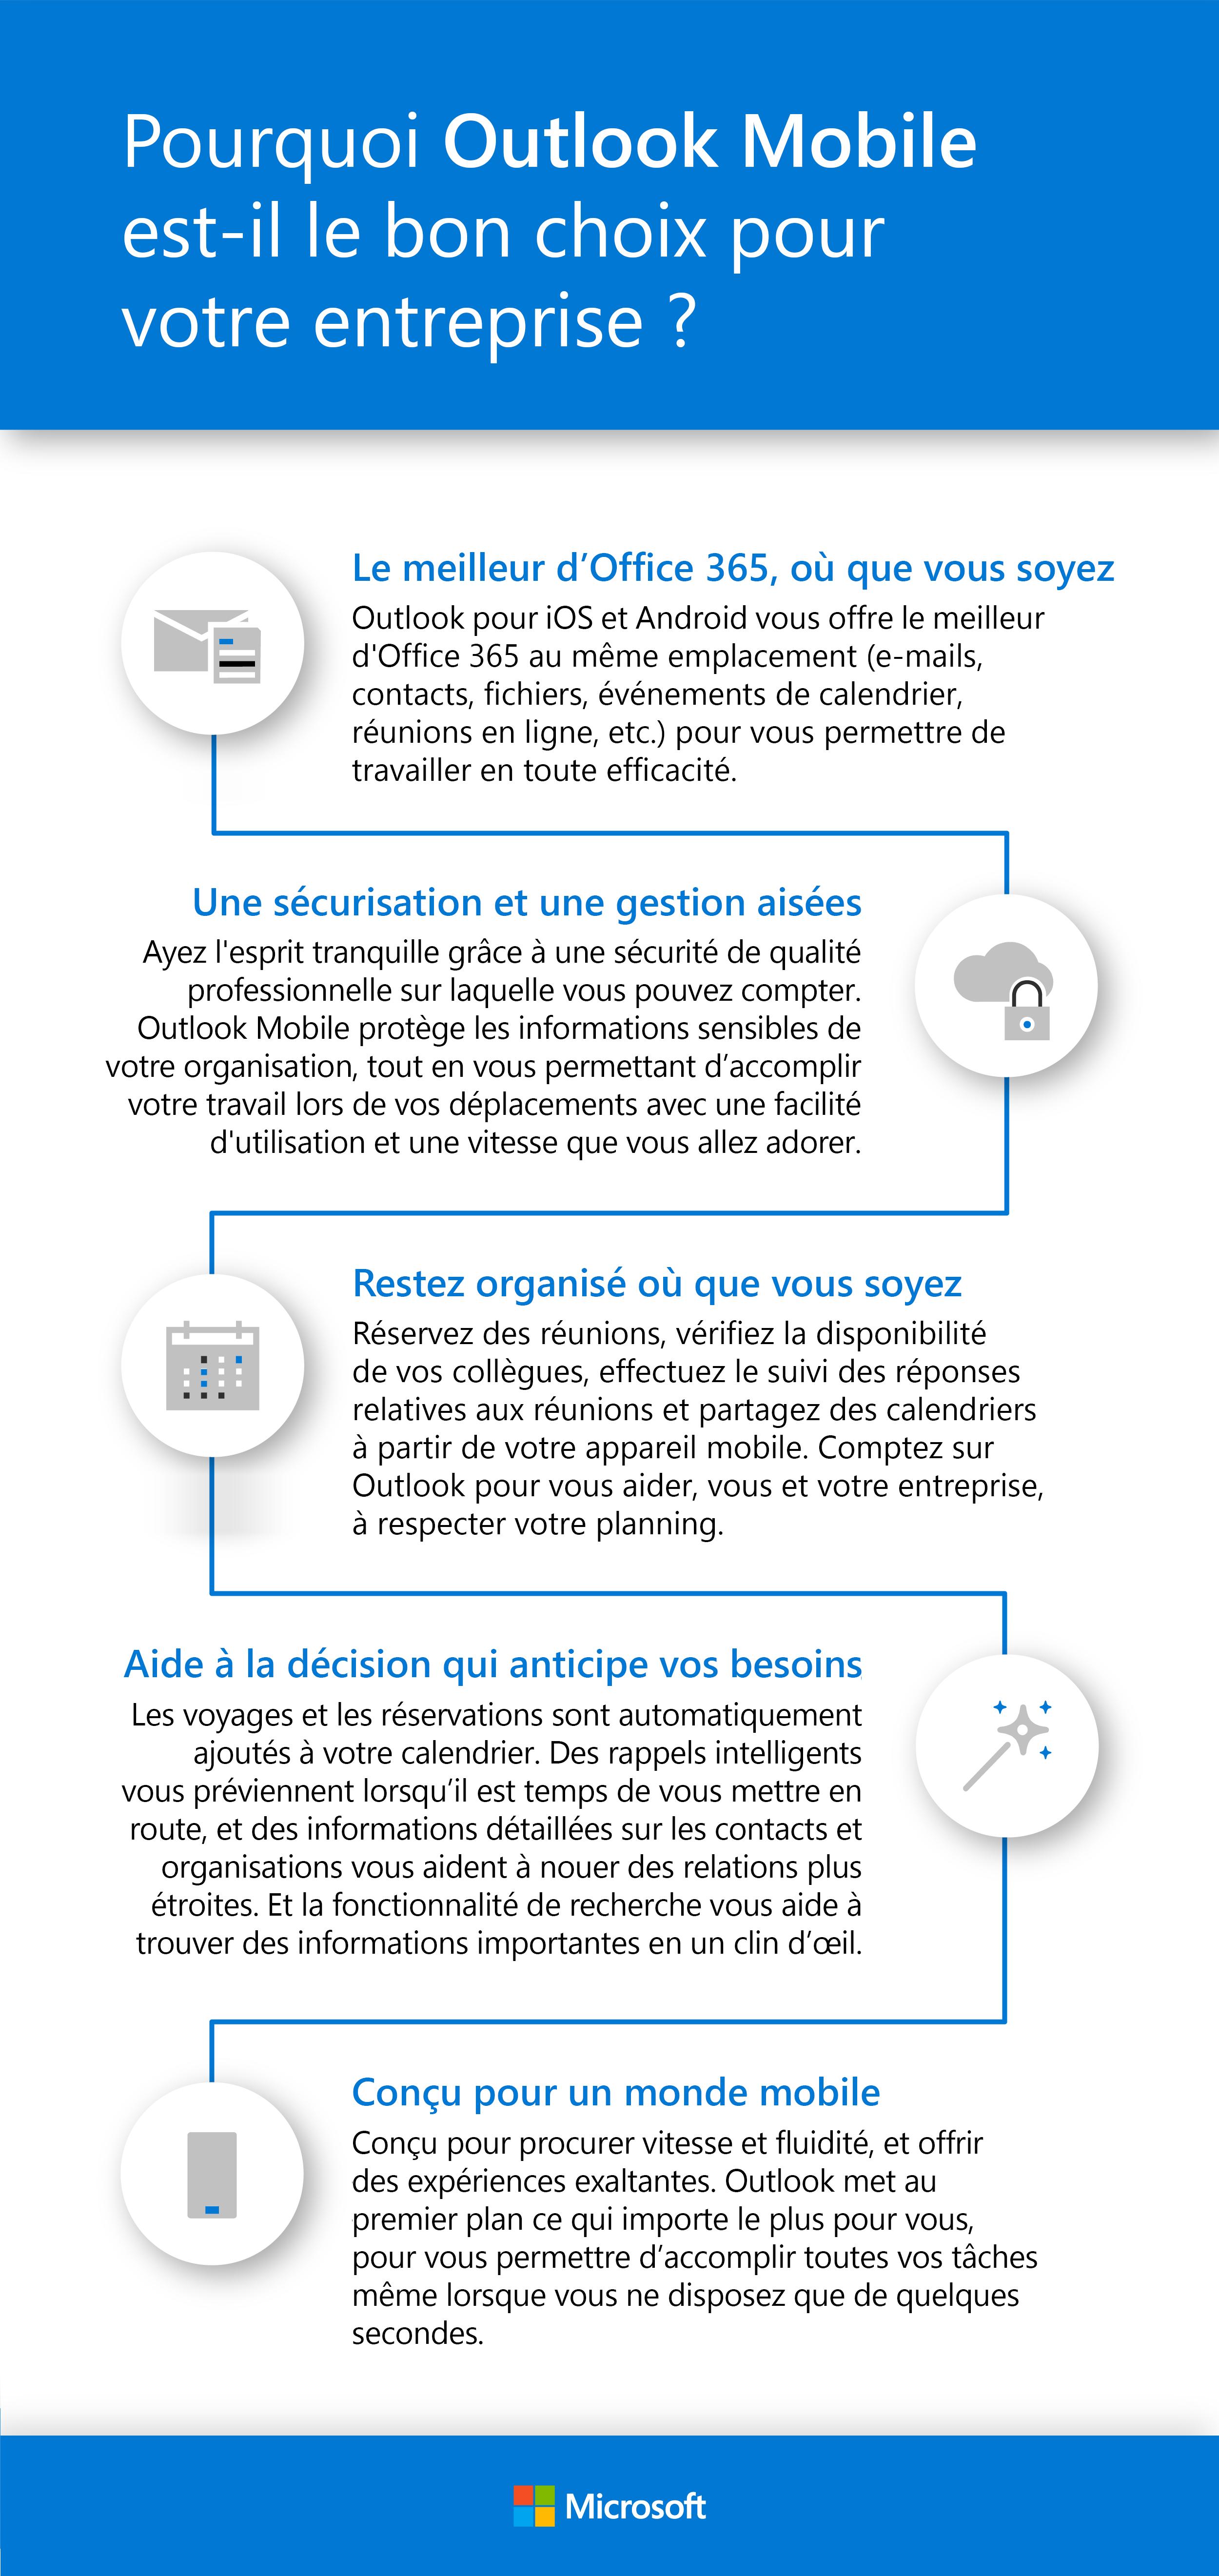 Nouvelles Fonctionnalites De Deploiement Et Protection Des Informations Dentreprise